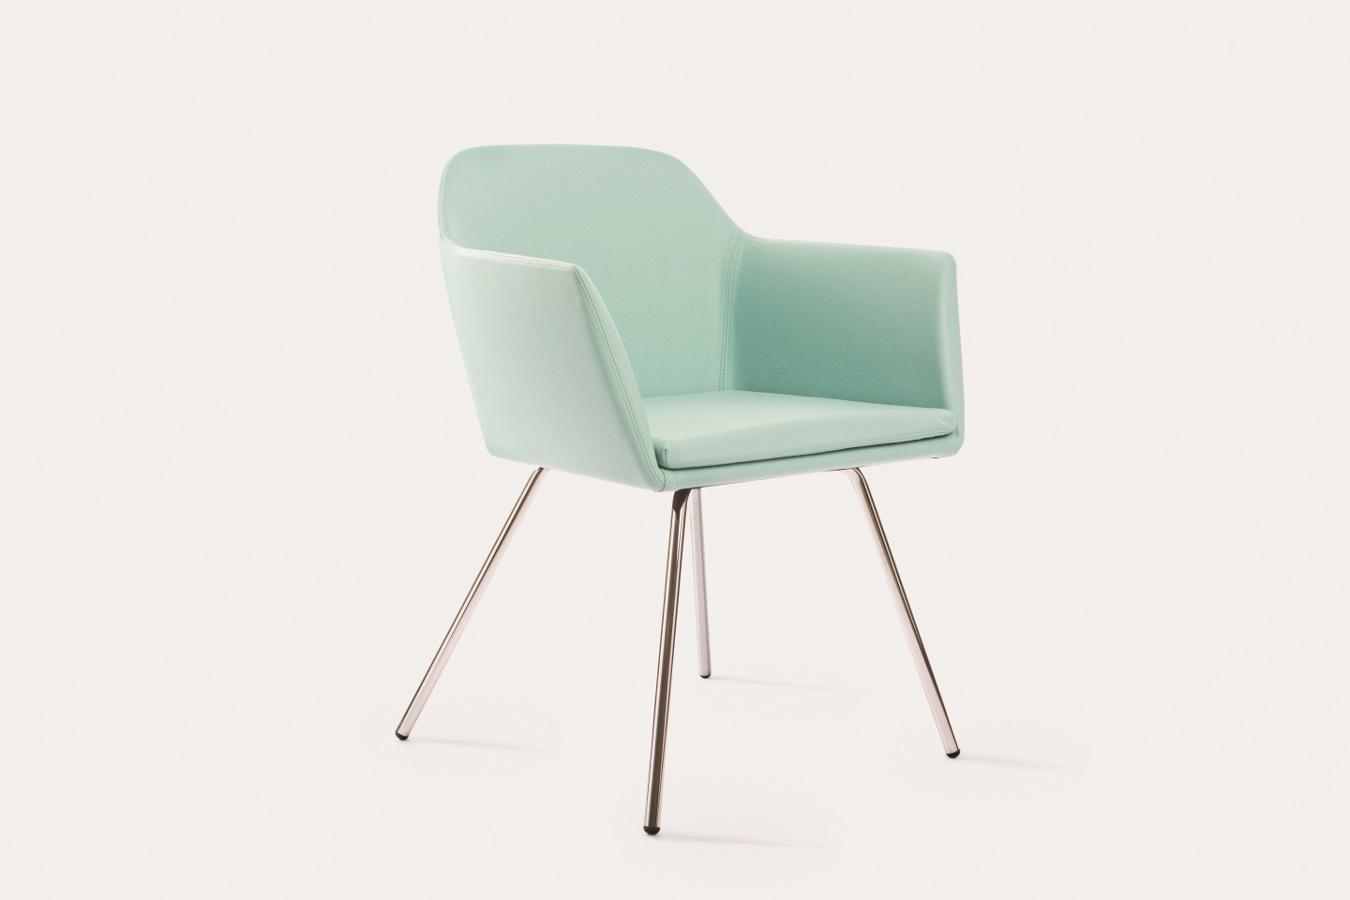 Nur Kleiner Sessel Madeinitalyde